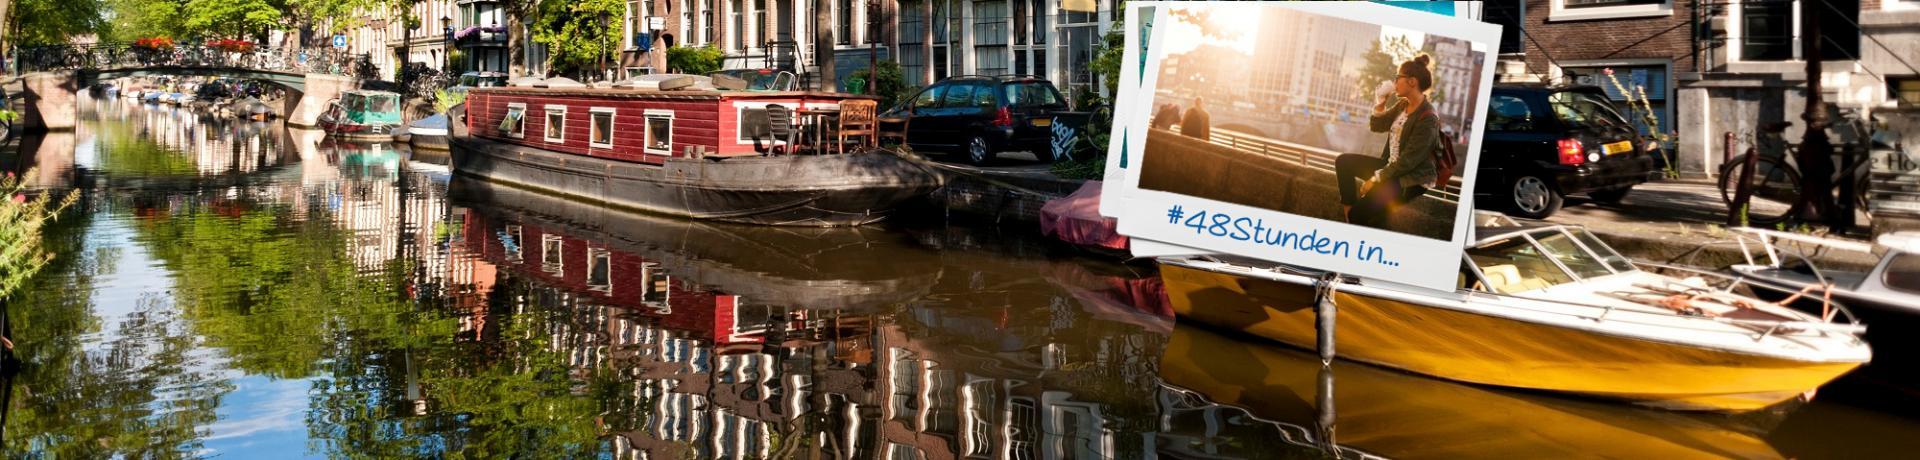 48-stunden-amsterdam-emotion_TS_162394819.jpg